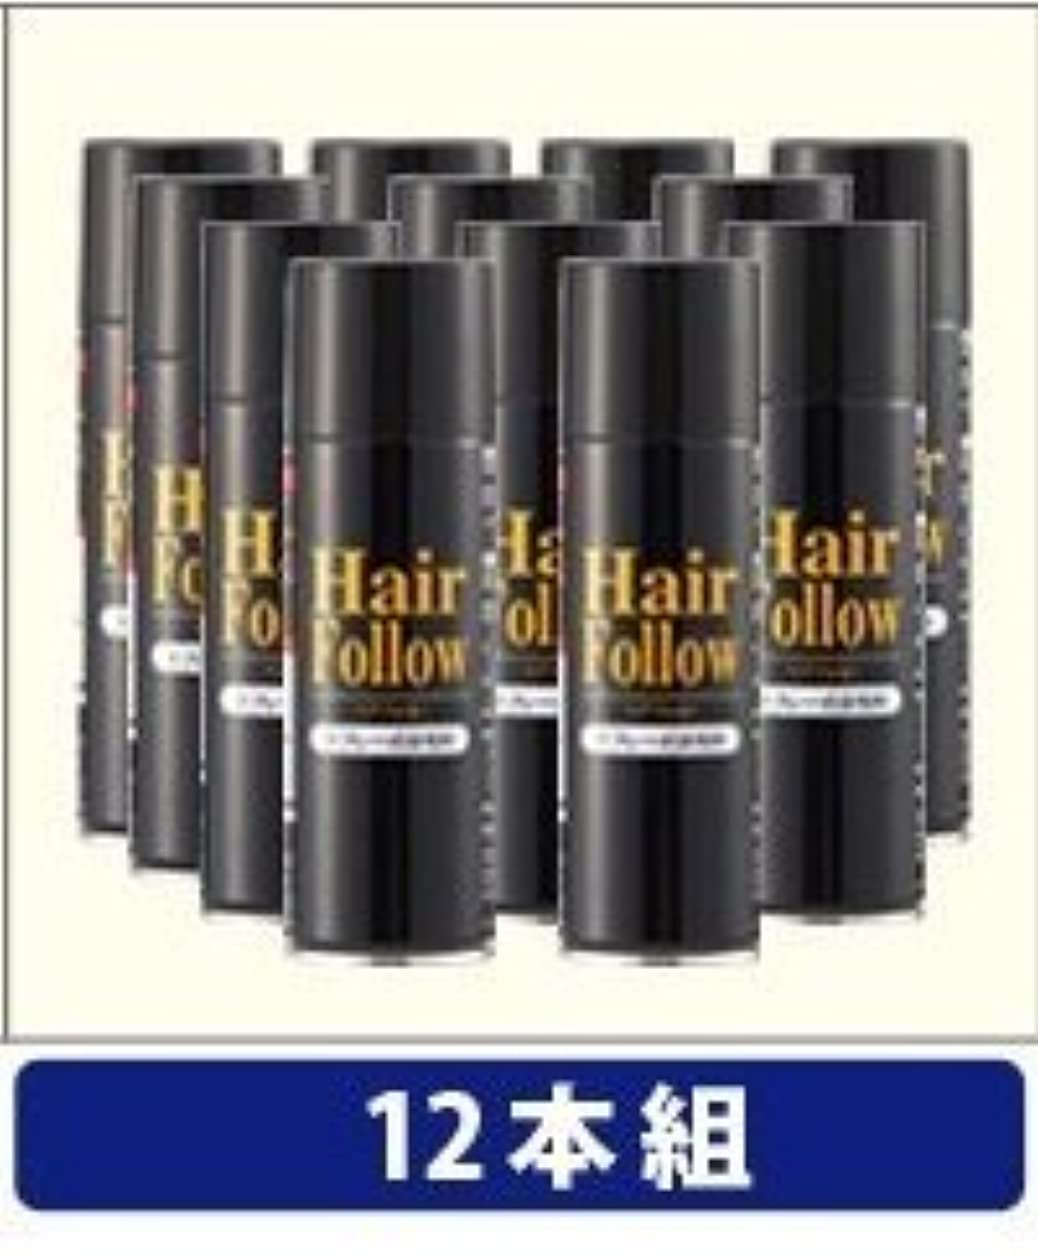 証明するキウイバッテリーNEW ヘアフォロー スプレー ブラック スプレー式染毛料 自然に薄毛をボリュームアップ!薄毛隠し かつら (12本)